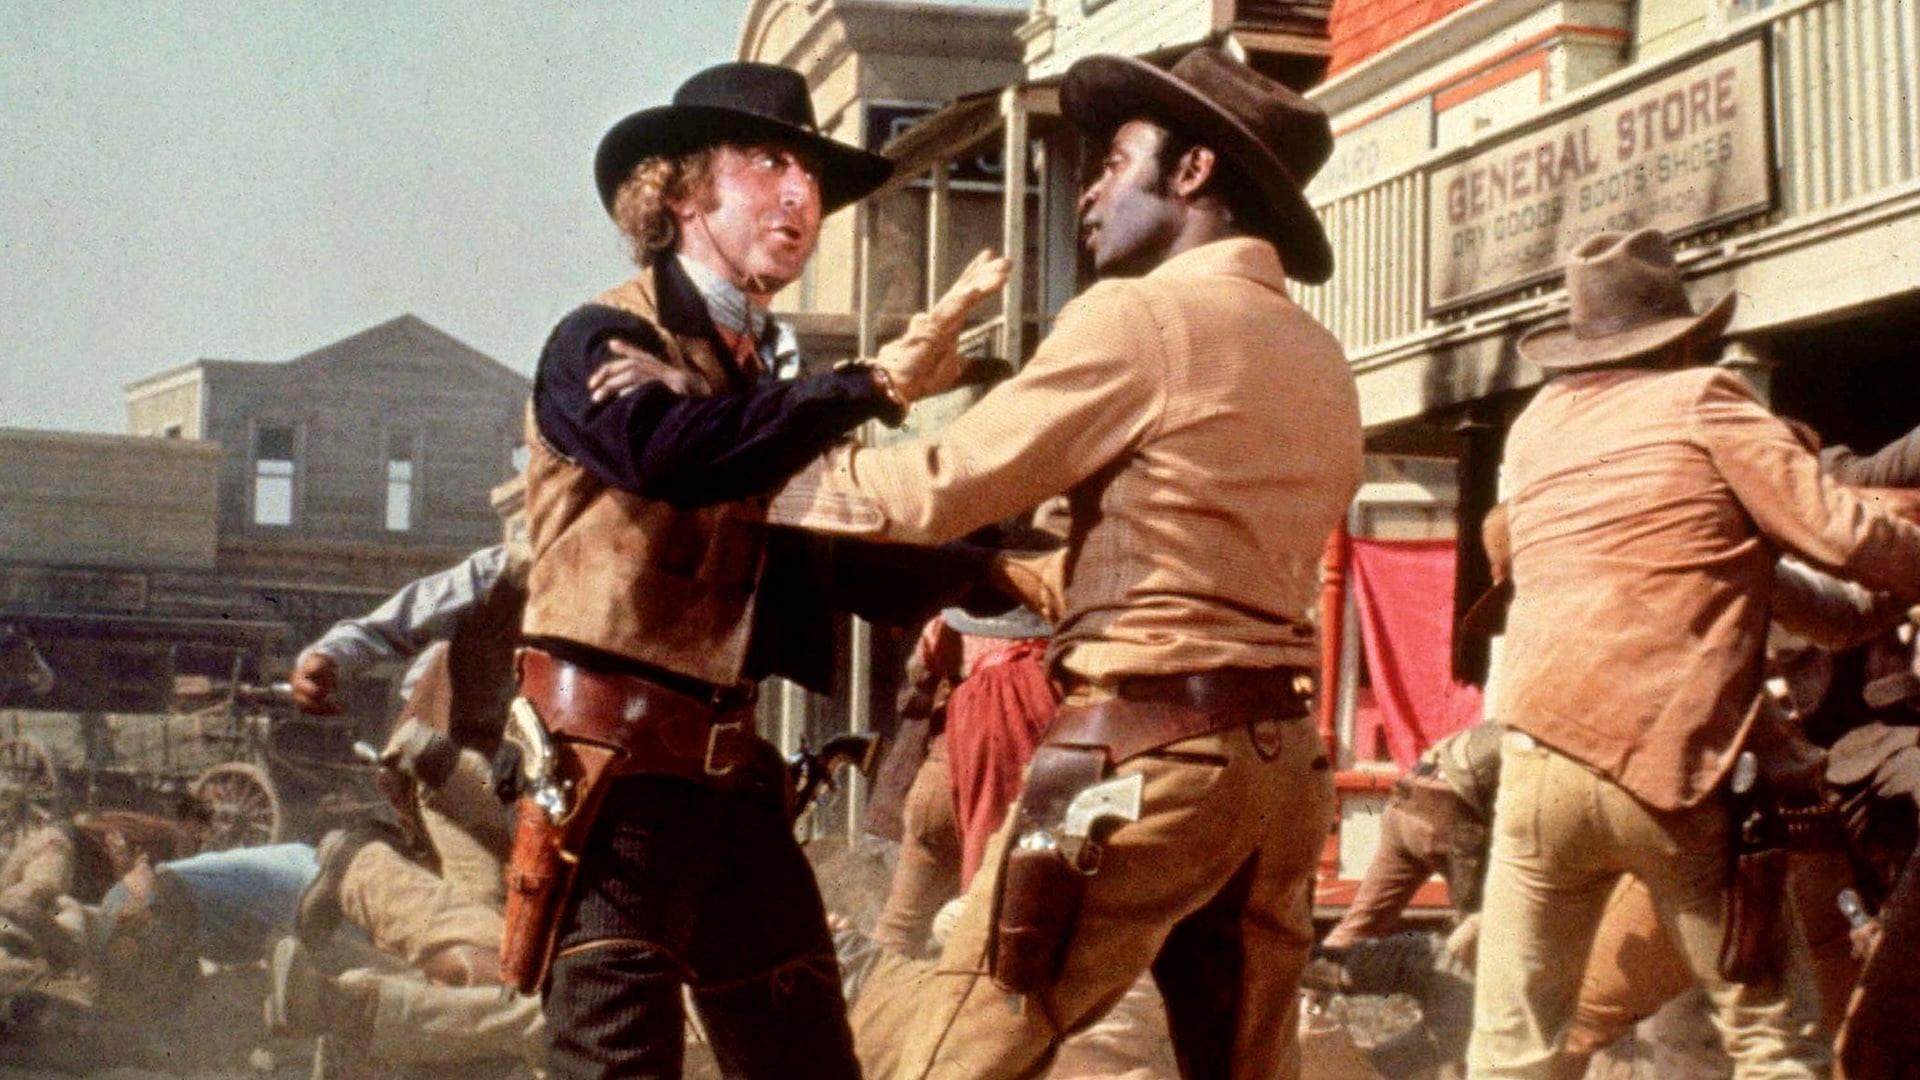 Blazing Saddles 1974 Image